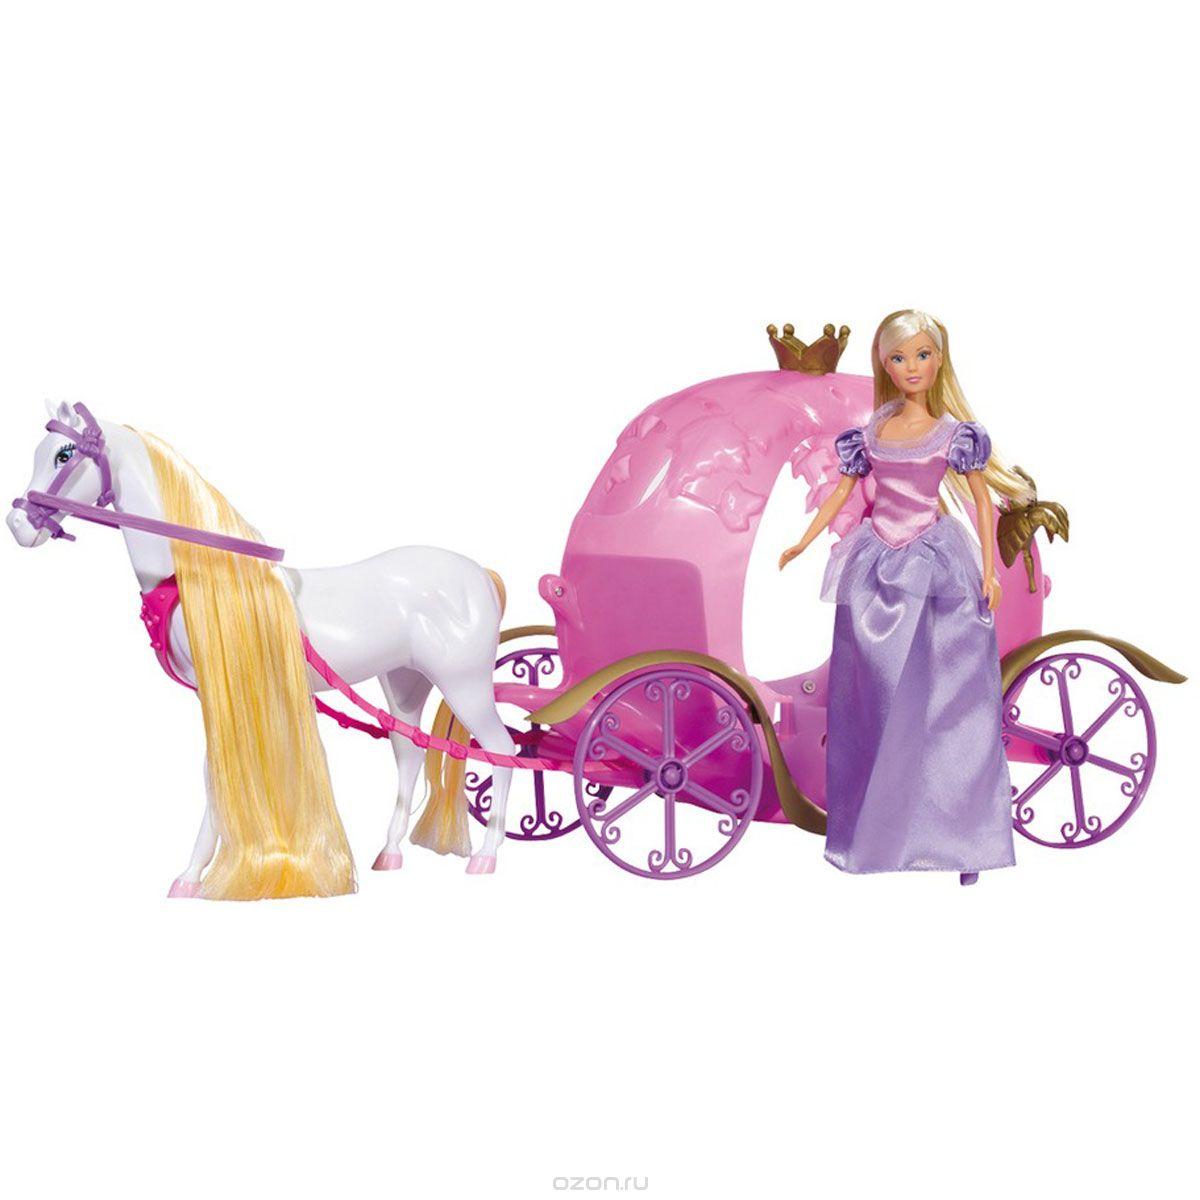 Simba Игровой набор с куклой Сказочная карета Штеффи5733974Кукла Simba Штеффи и ее сказочная карета надолго займет внимание вашей малышки и подарит ей множество счастливых мгновений. Кукла изготовлена из пластика, ее голова, ручки и ножки подвижны, что позволяет придавать ей разнообразные позы. У лошадки есть длинный хвост и шикарная грива из шелковистых волокон яркого цвета. Грива и хвост очень длинные, их можно расчесывать и заплетать косички. Глазки - нарисованные, очень добрые и выразительные. В комплекте с куклой имеется белая лошадь с желтой гривой, упряжка и карета. Кукла одета в длинное платье фиолетового цвета. Наряд дополняют фиолетовые туфельки на каблуках. Лошадь можно отсоединить от упряжки и кареты и играть с ней, как с отдельным элементом. Благодаря играм с куклой, ваша малышка сможет развить фантазию и любознательность, овладеть навыками общения и научиться ответственности, а дополнительные аксессуары сделают игру еще увлекательнее. Лошадка позволит увеличить количество игровых ситуаций с куклой...